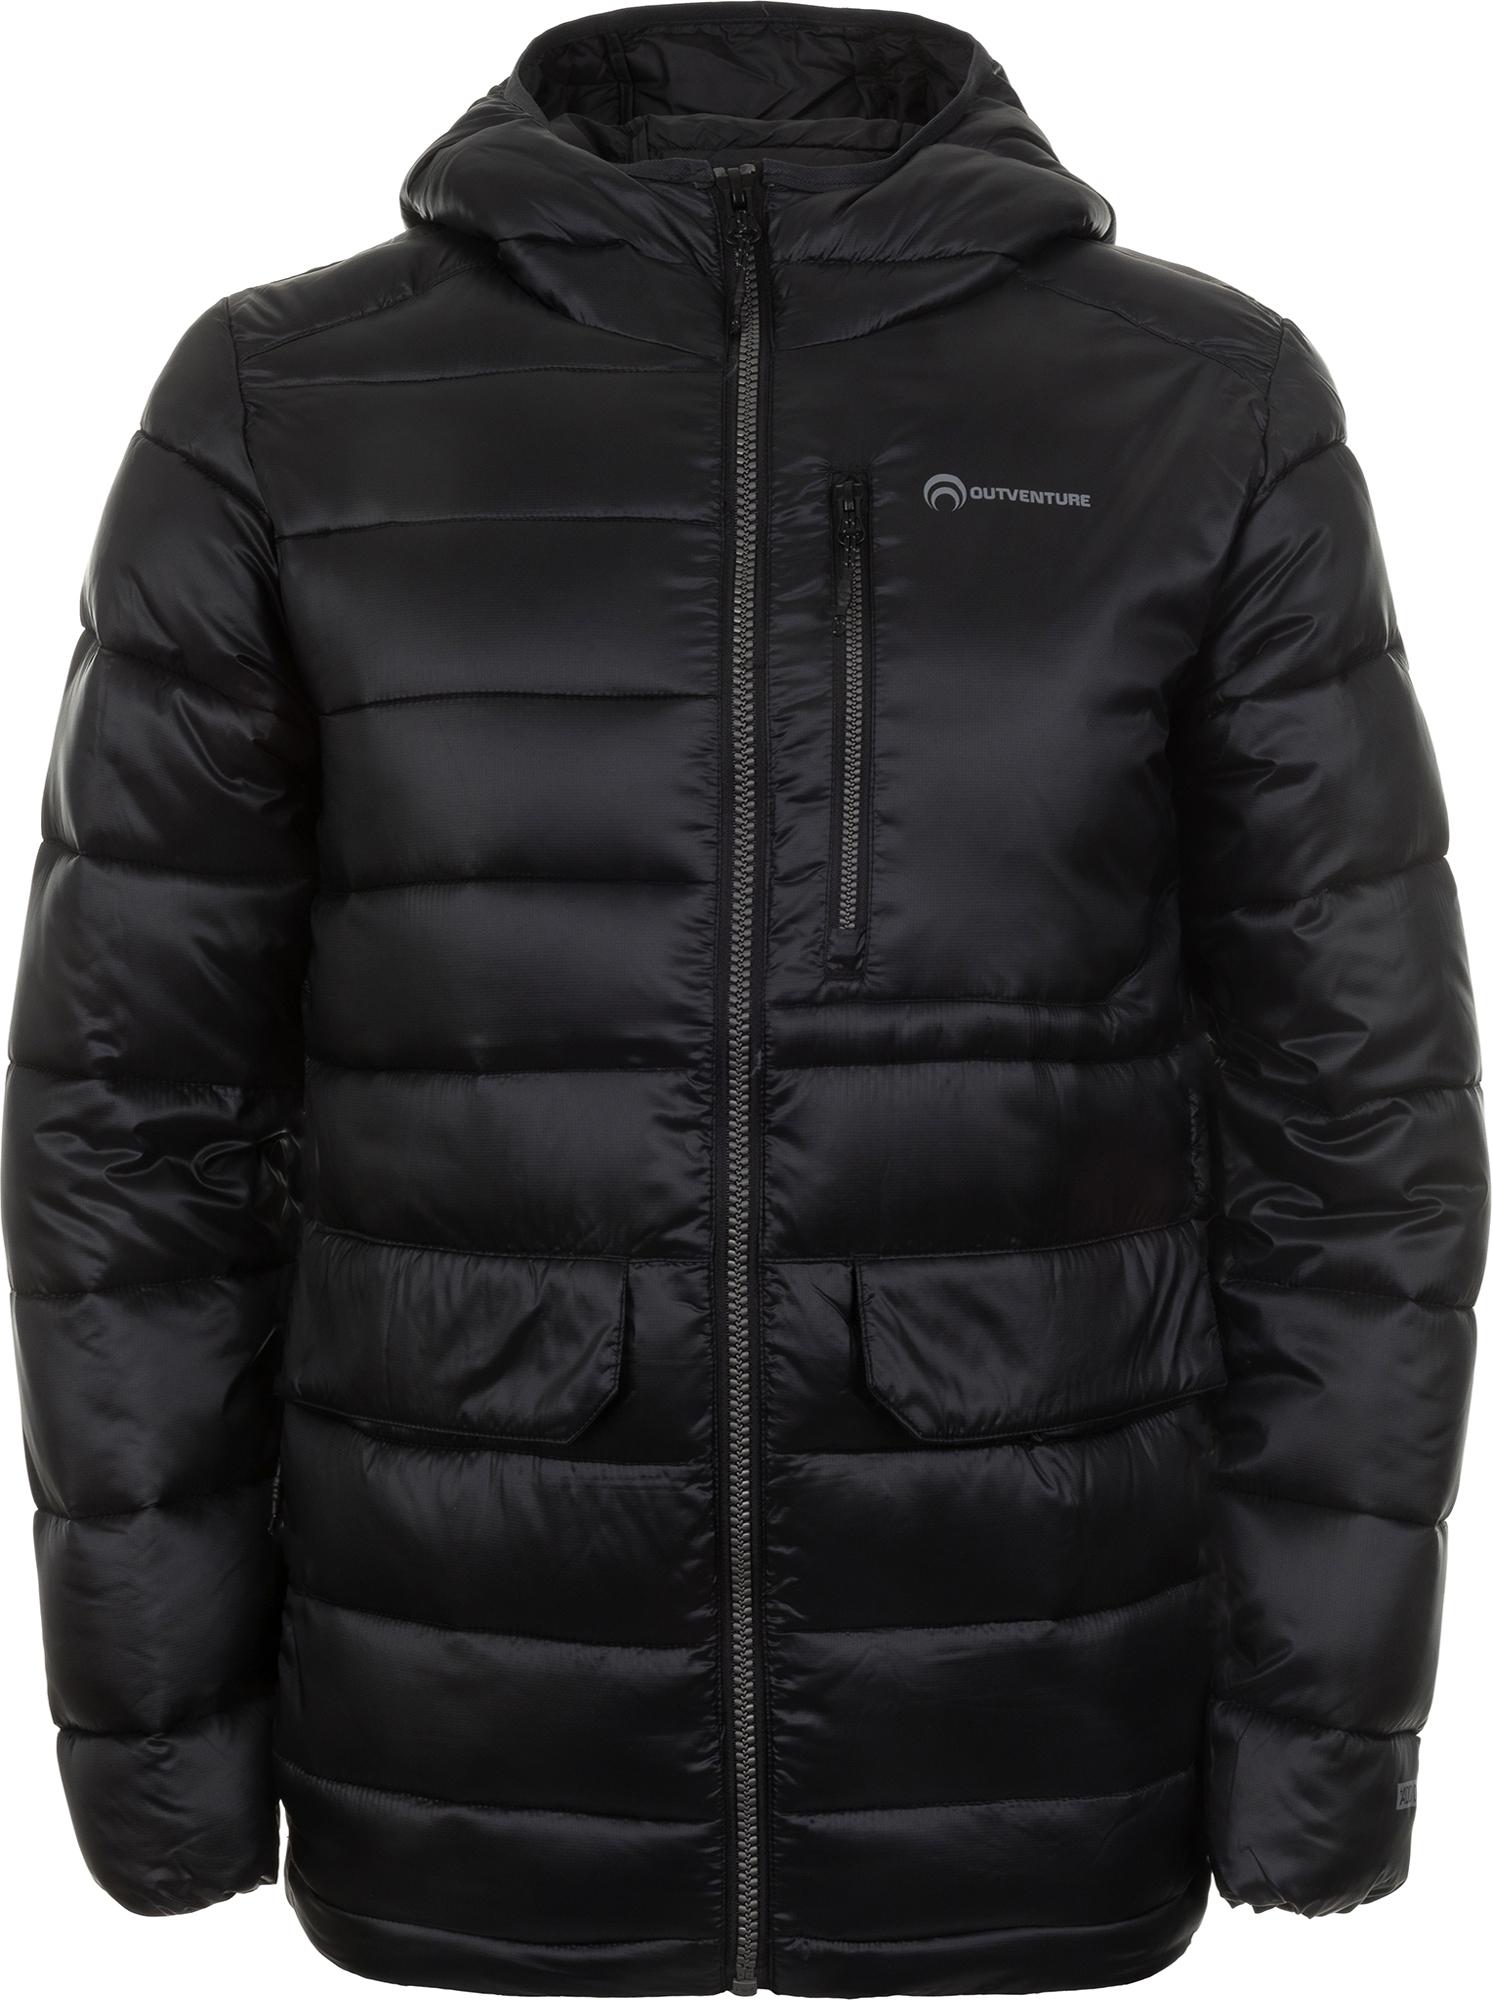 Outventure Куртка утепленная мужская Outventure, размер 50